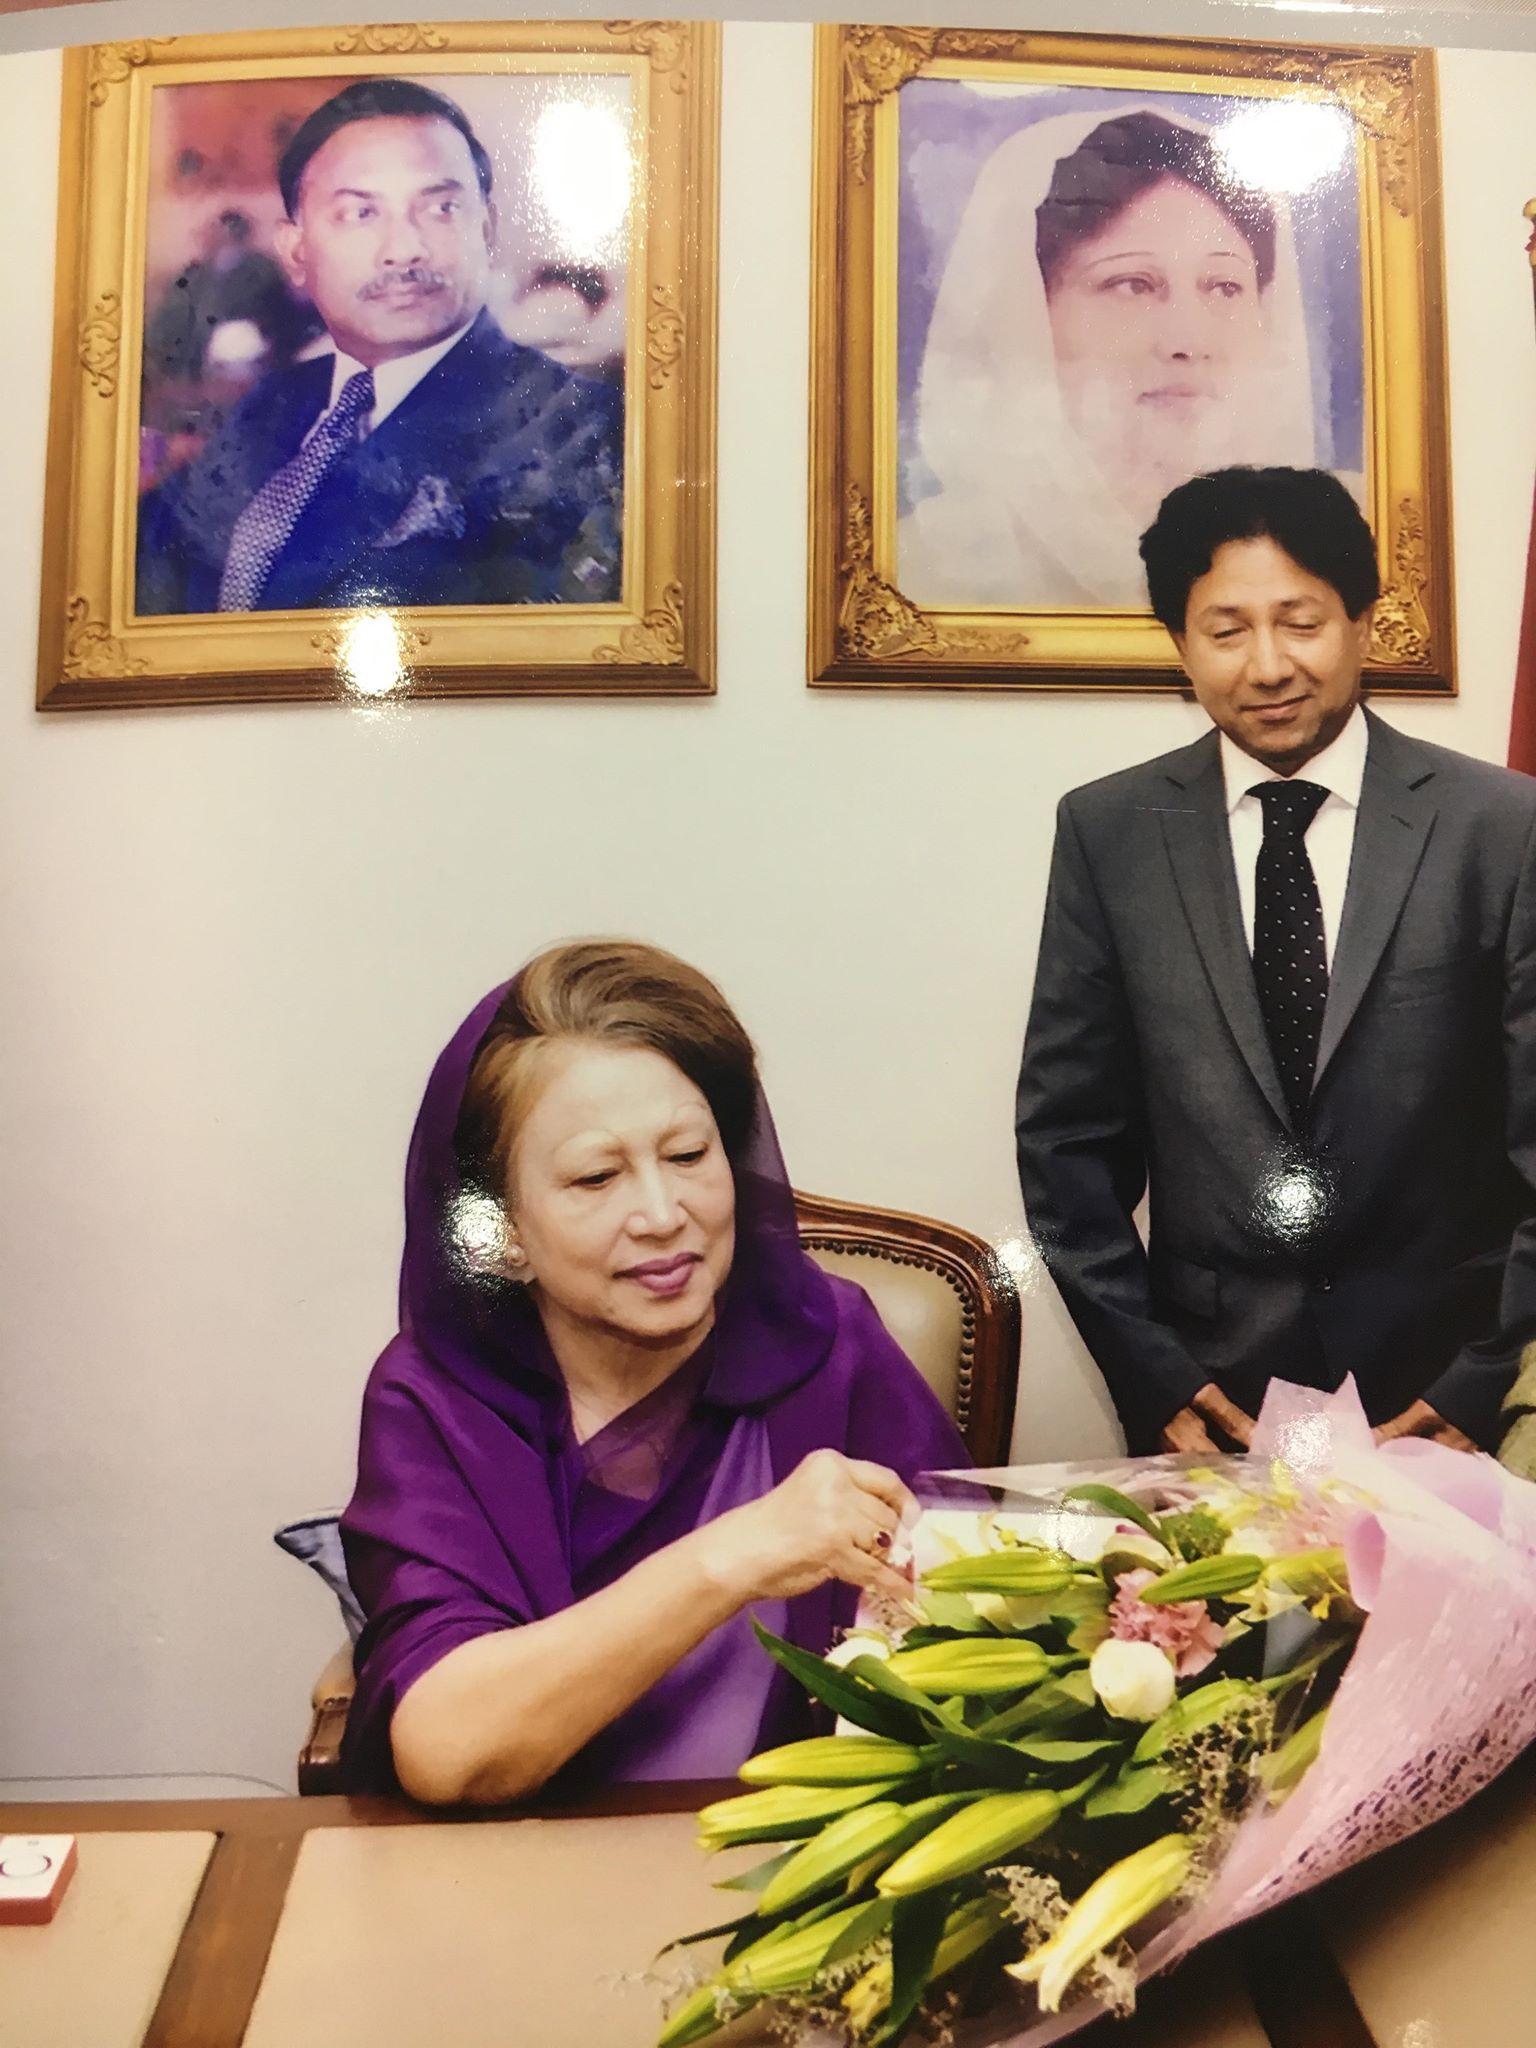 দেশনেত্রী বেগম খালেদা জিয়ার সাথে জার্মান বি এন পি এর সাক্ষাত